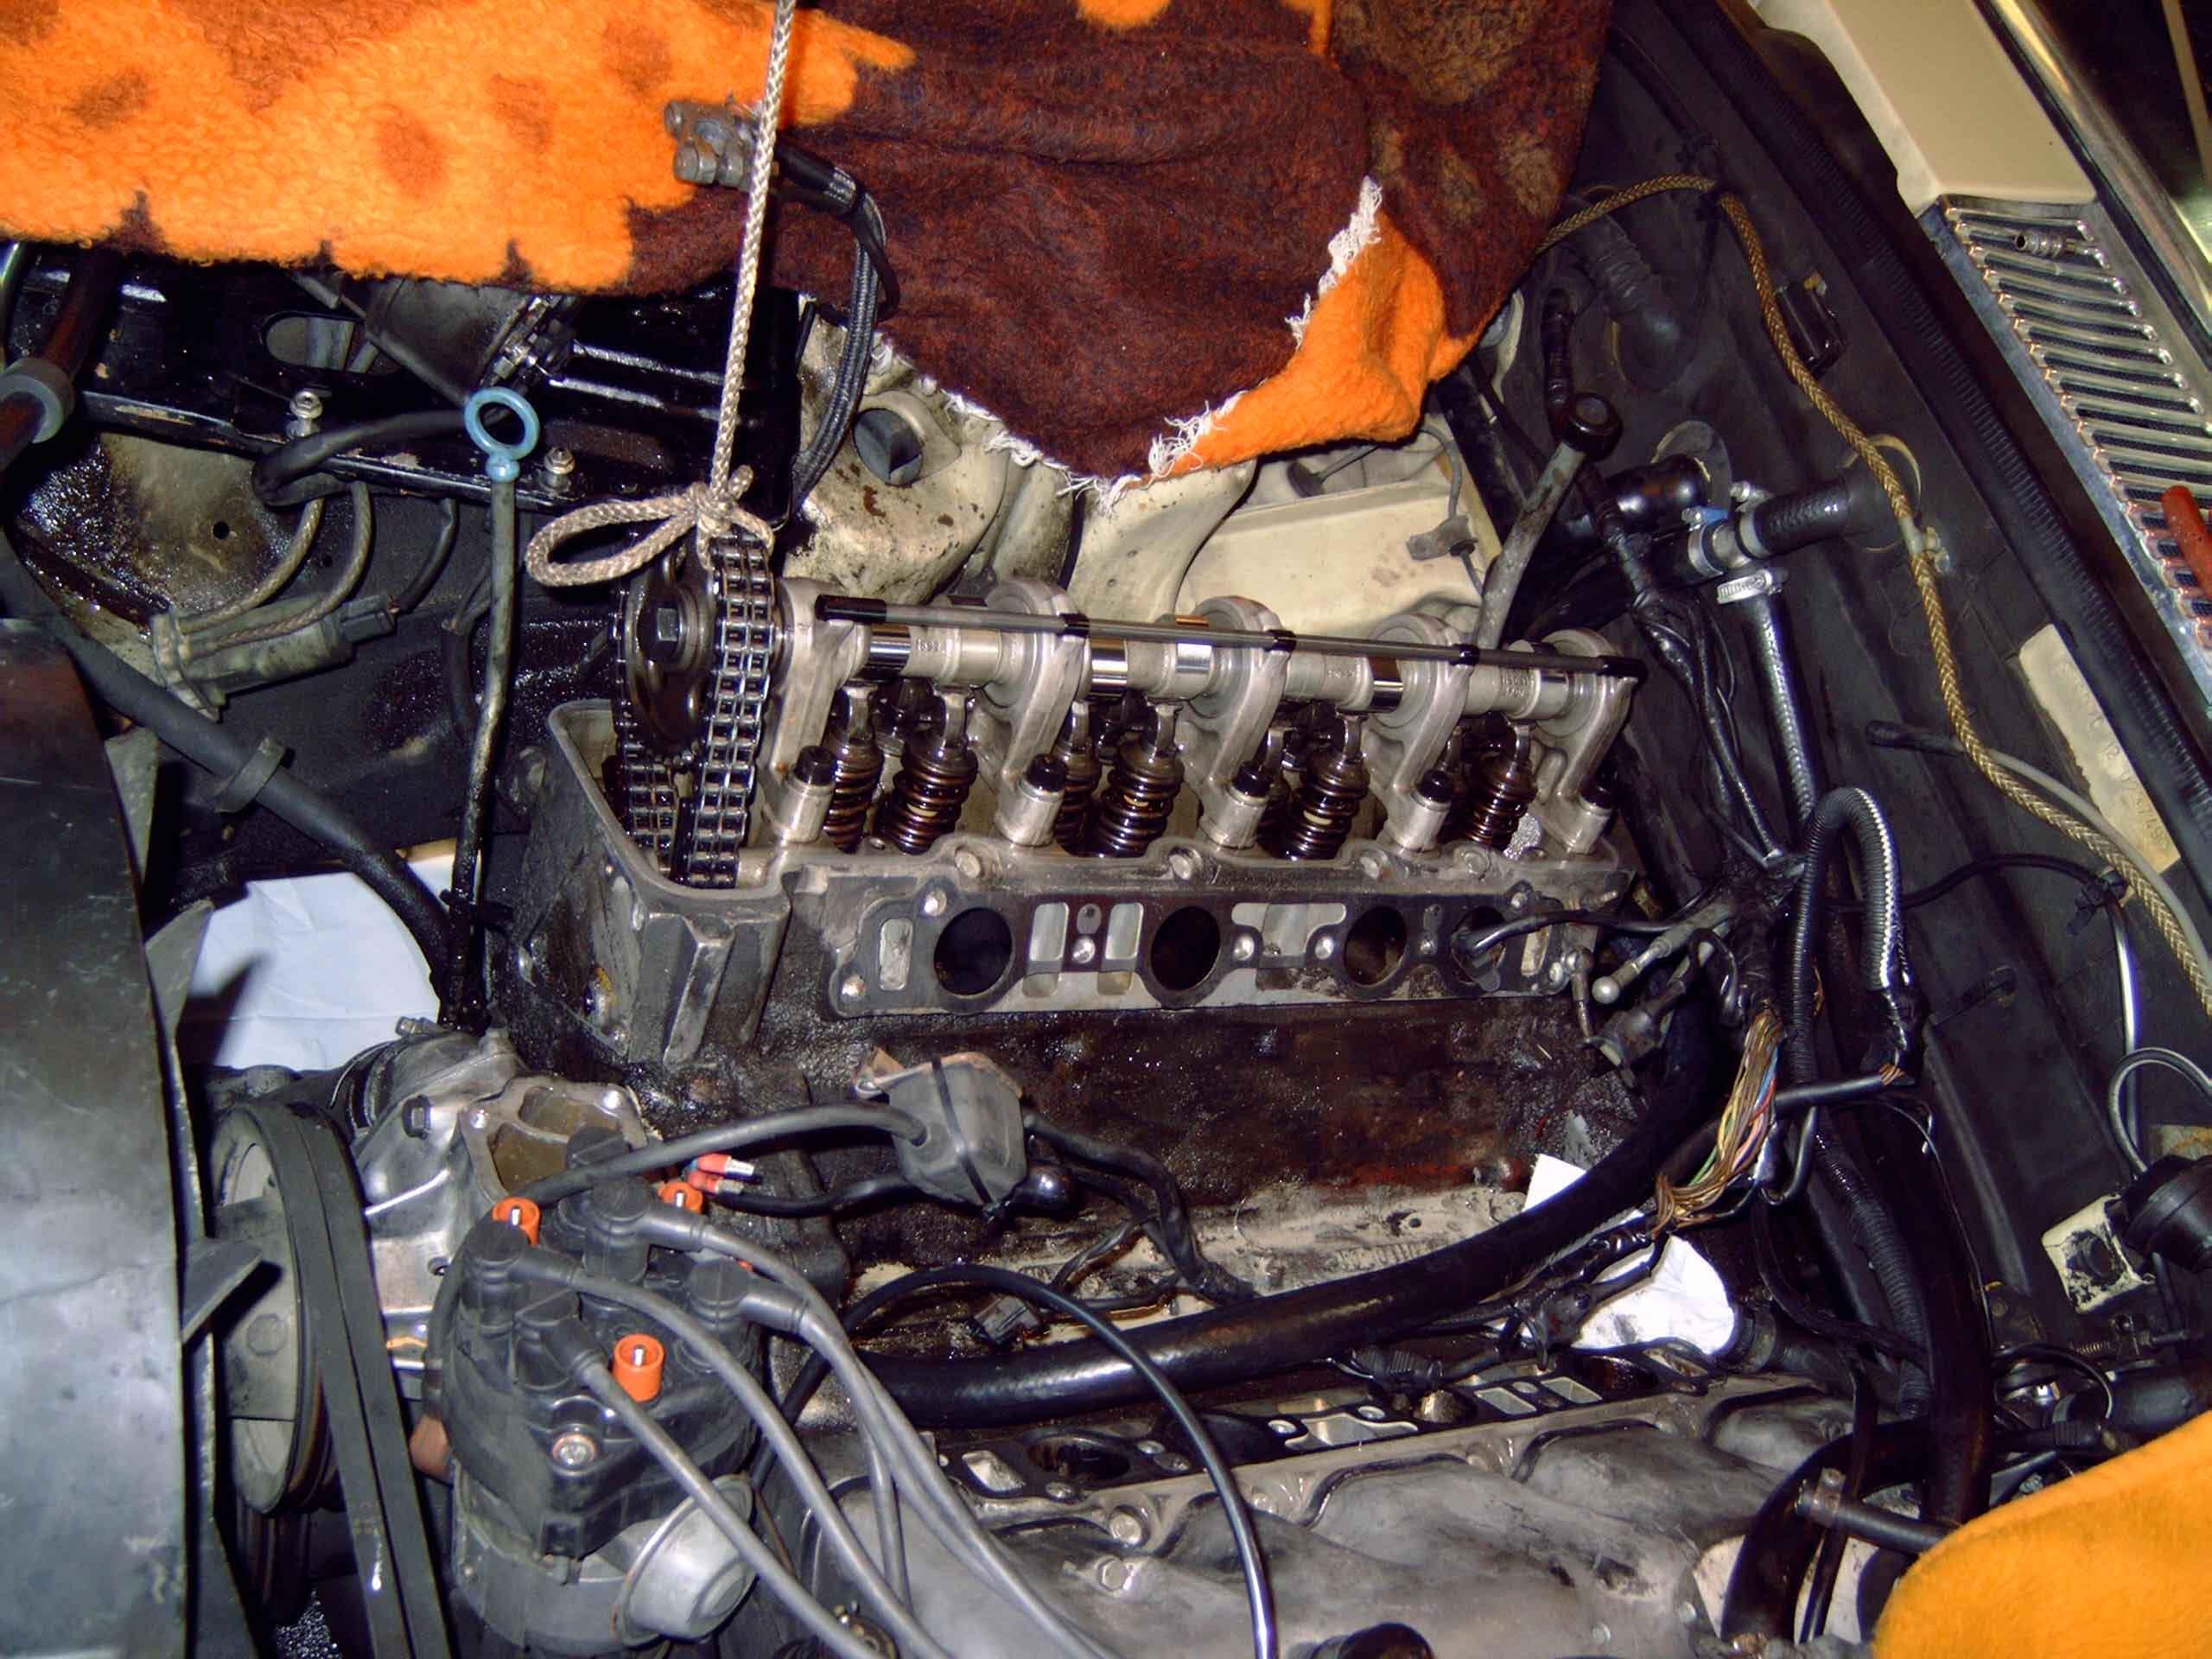 Thermostaat auto kapot gevolgen